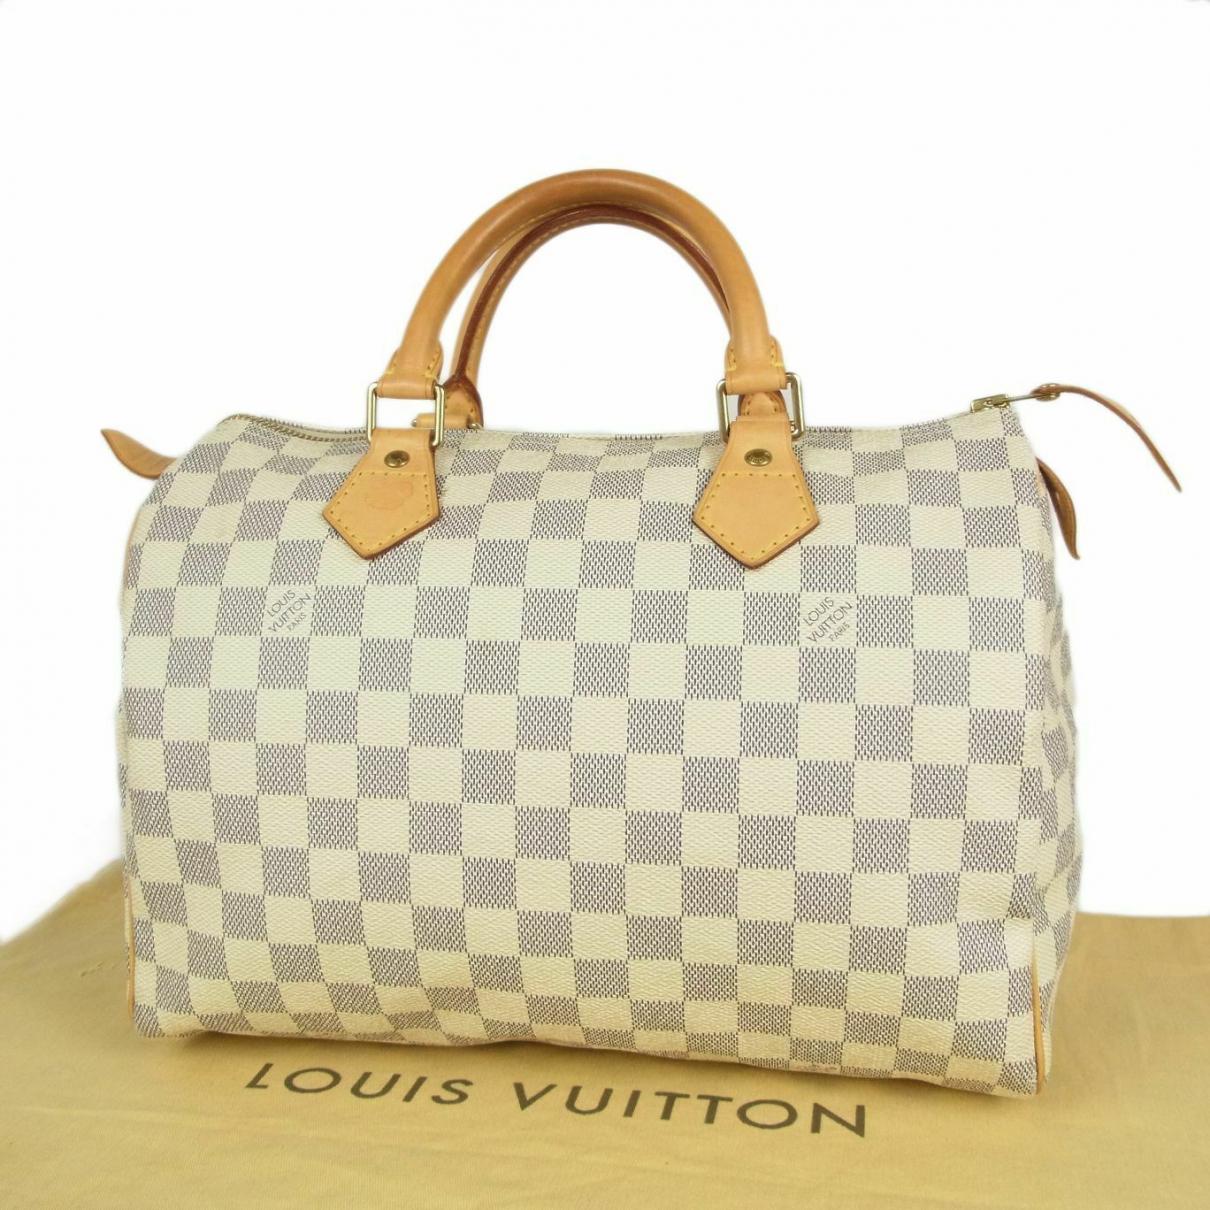 Louis Vuitton - Sac a main Speedy pour femme en cuir - blanc